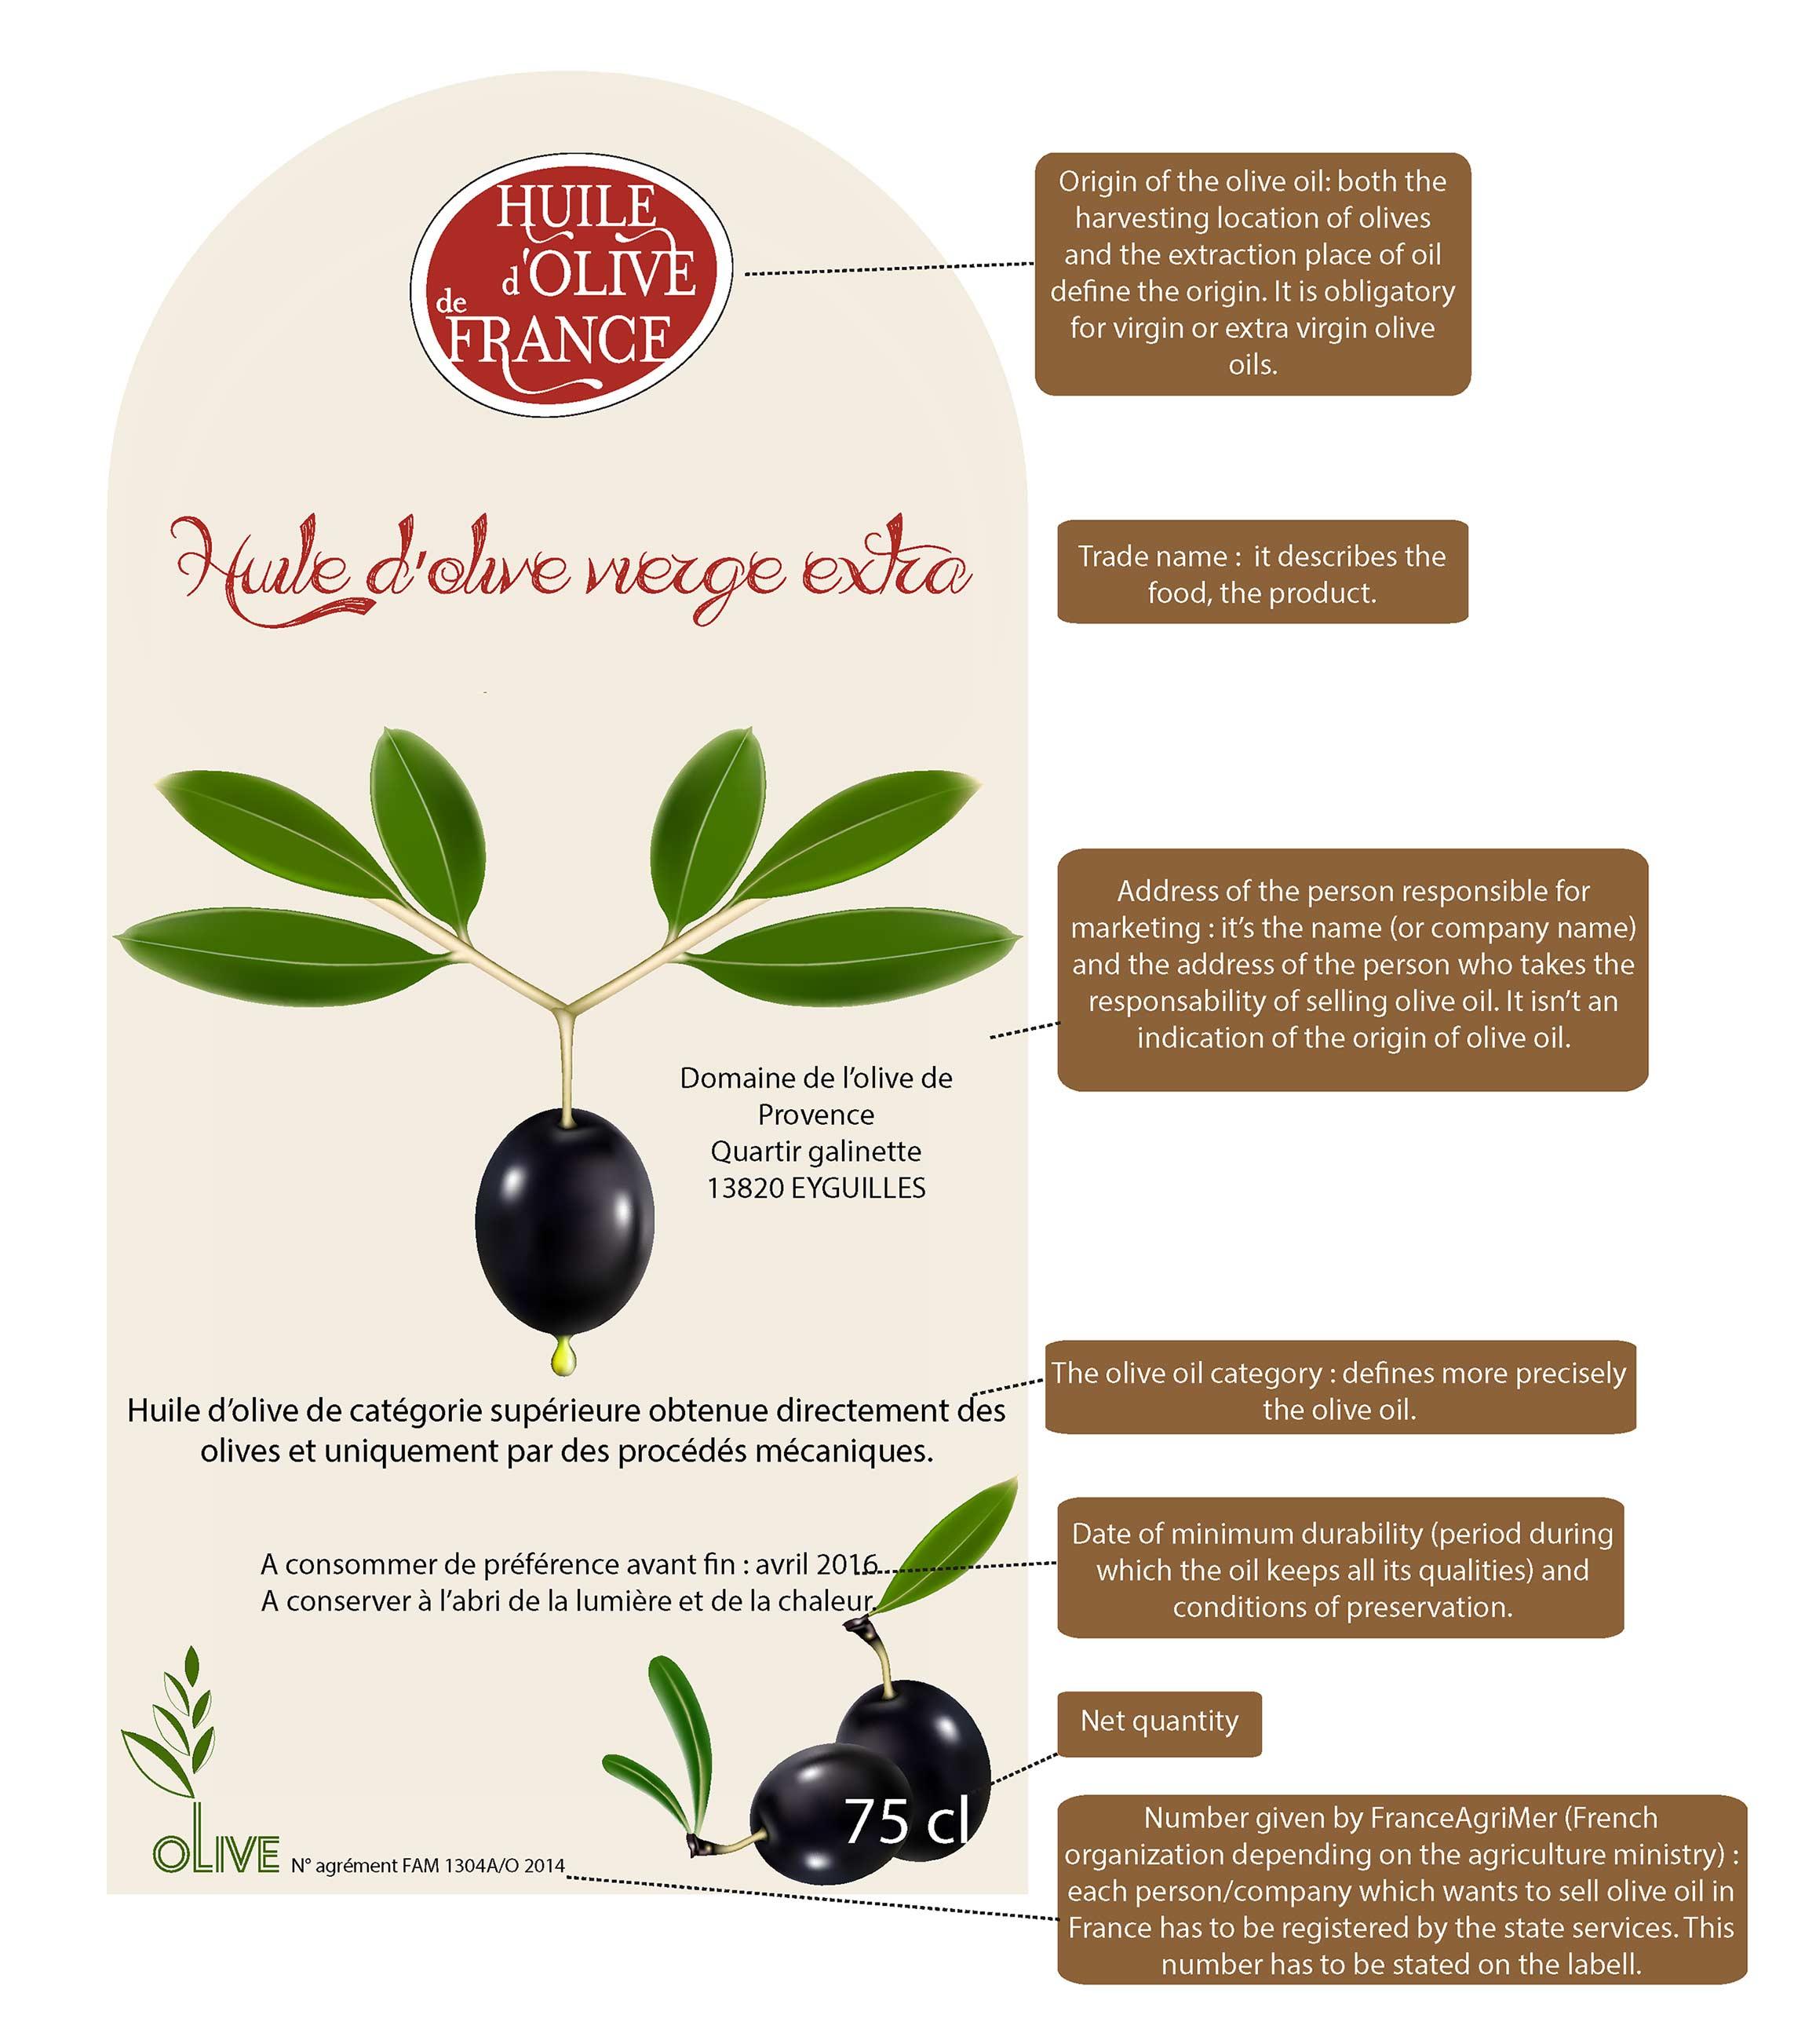 Lire-une-étiquette-huile-olive-en-anglais